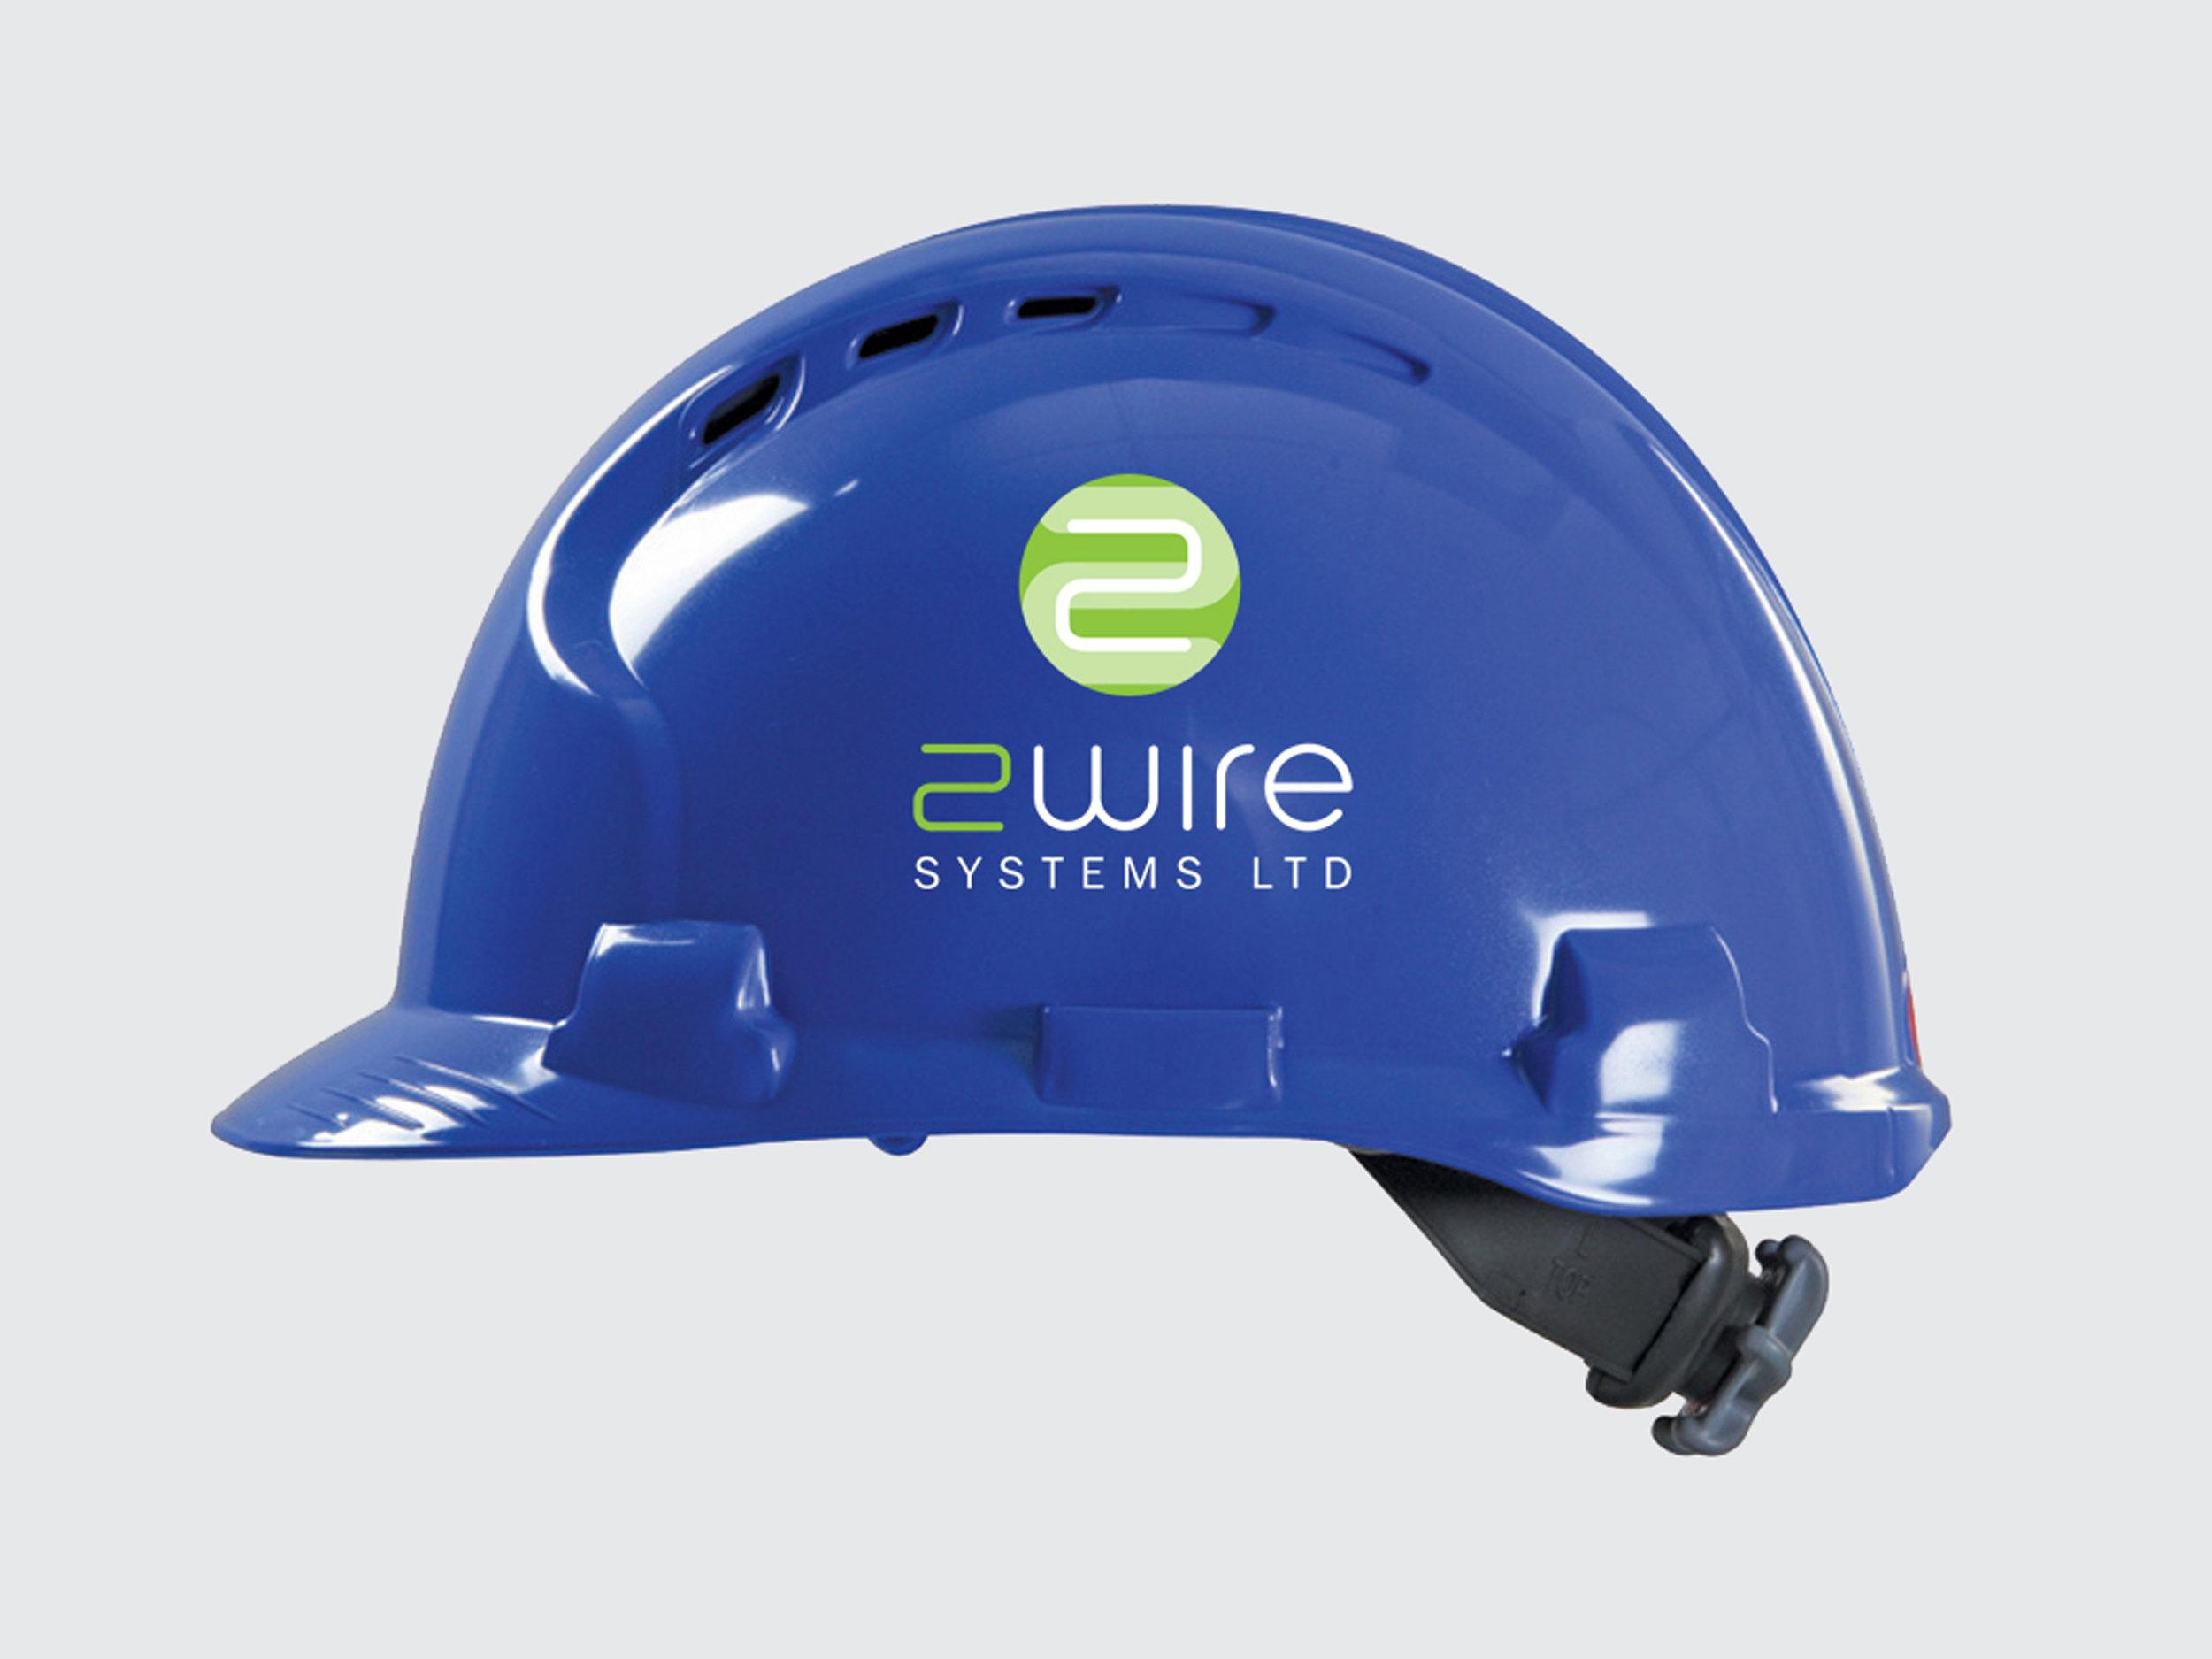 2 Wire_hard hat.JPG